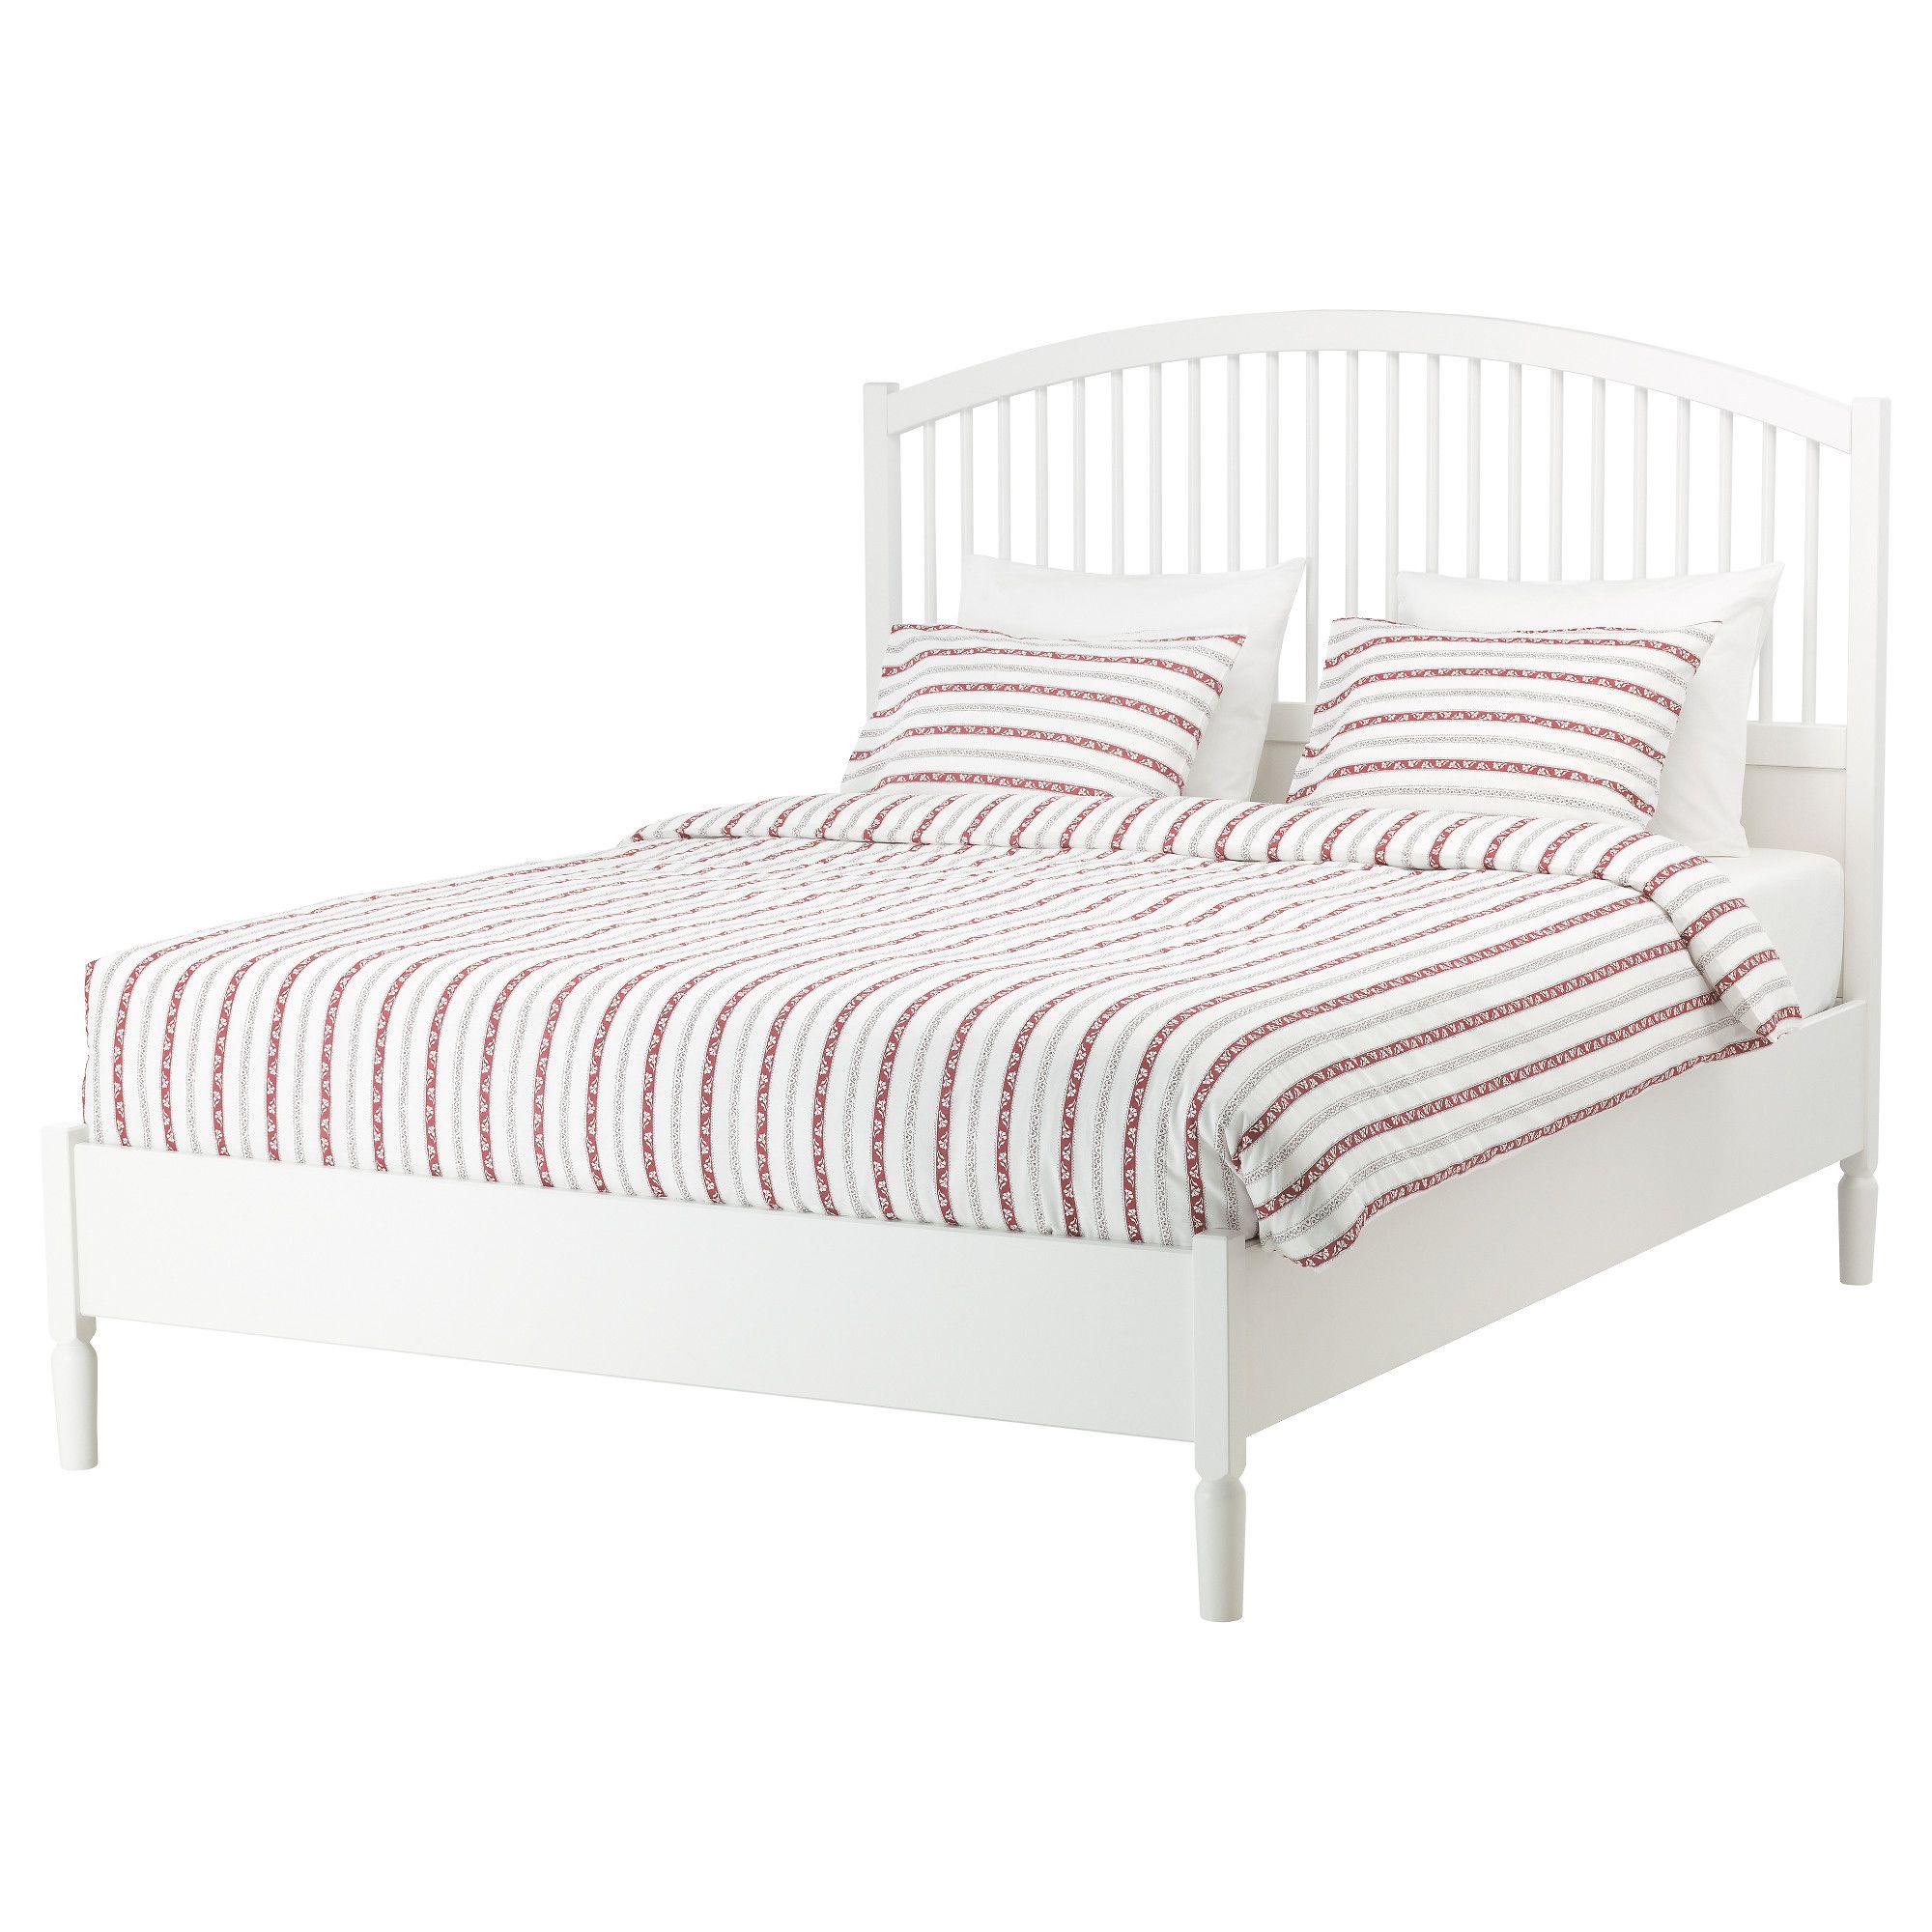 Tyssedal Bed Frame White